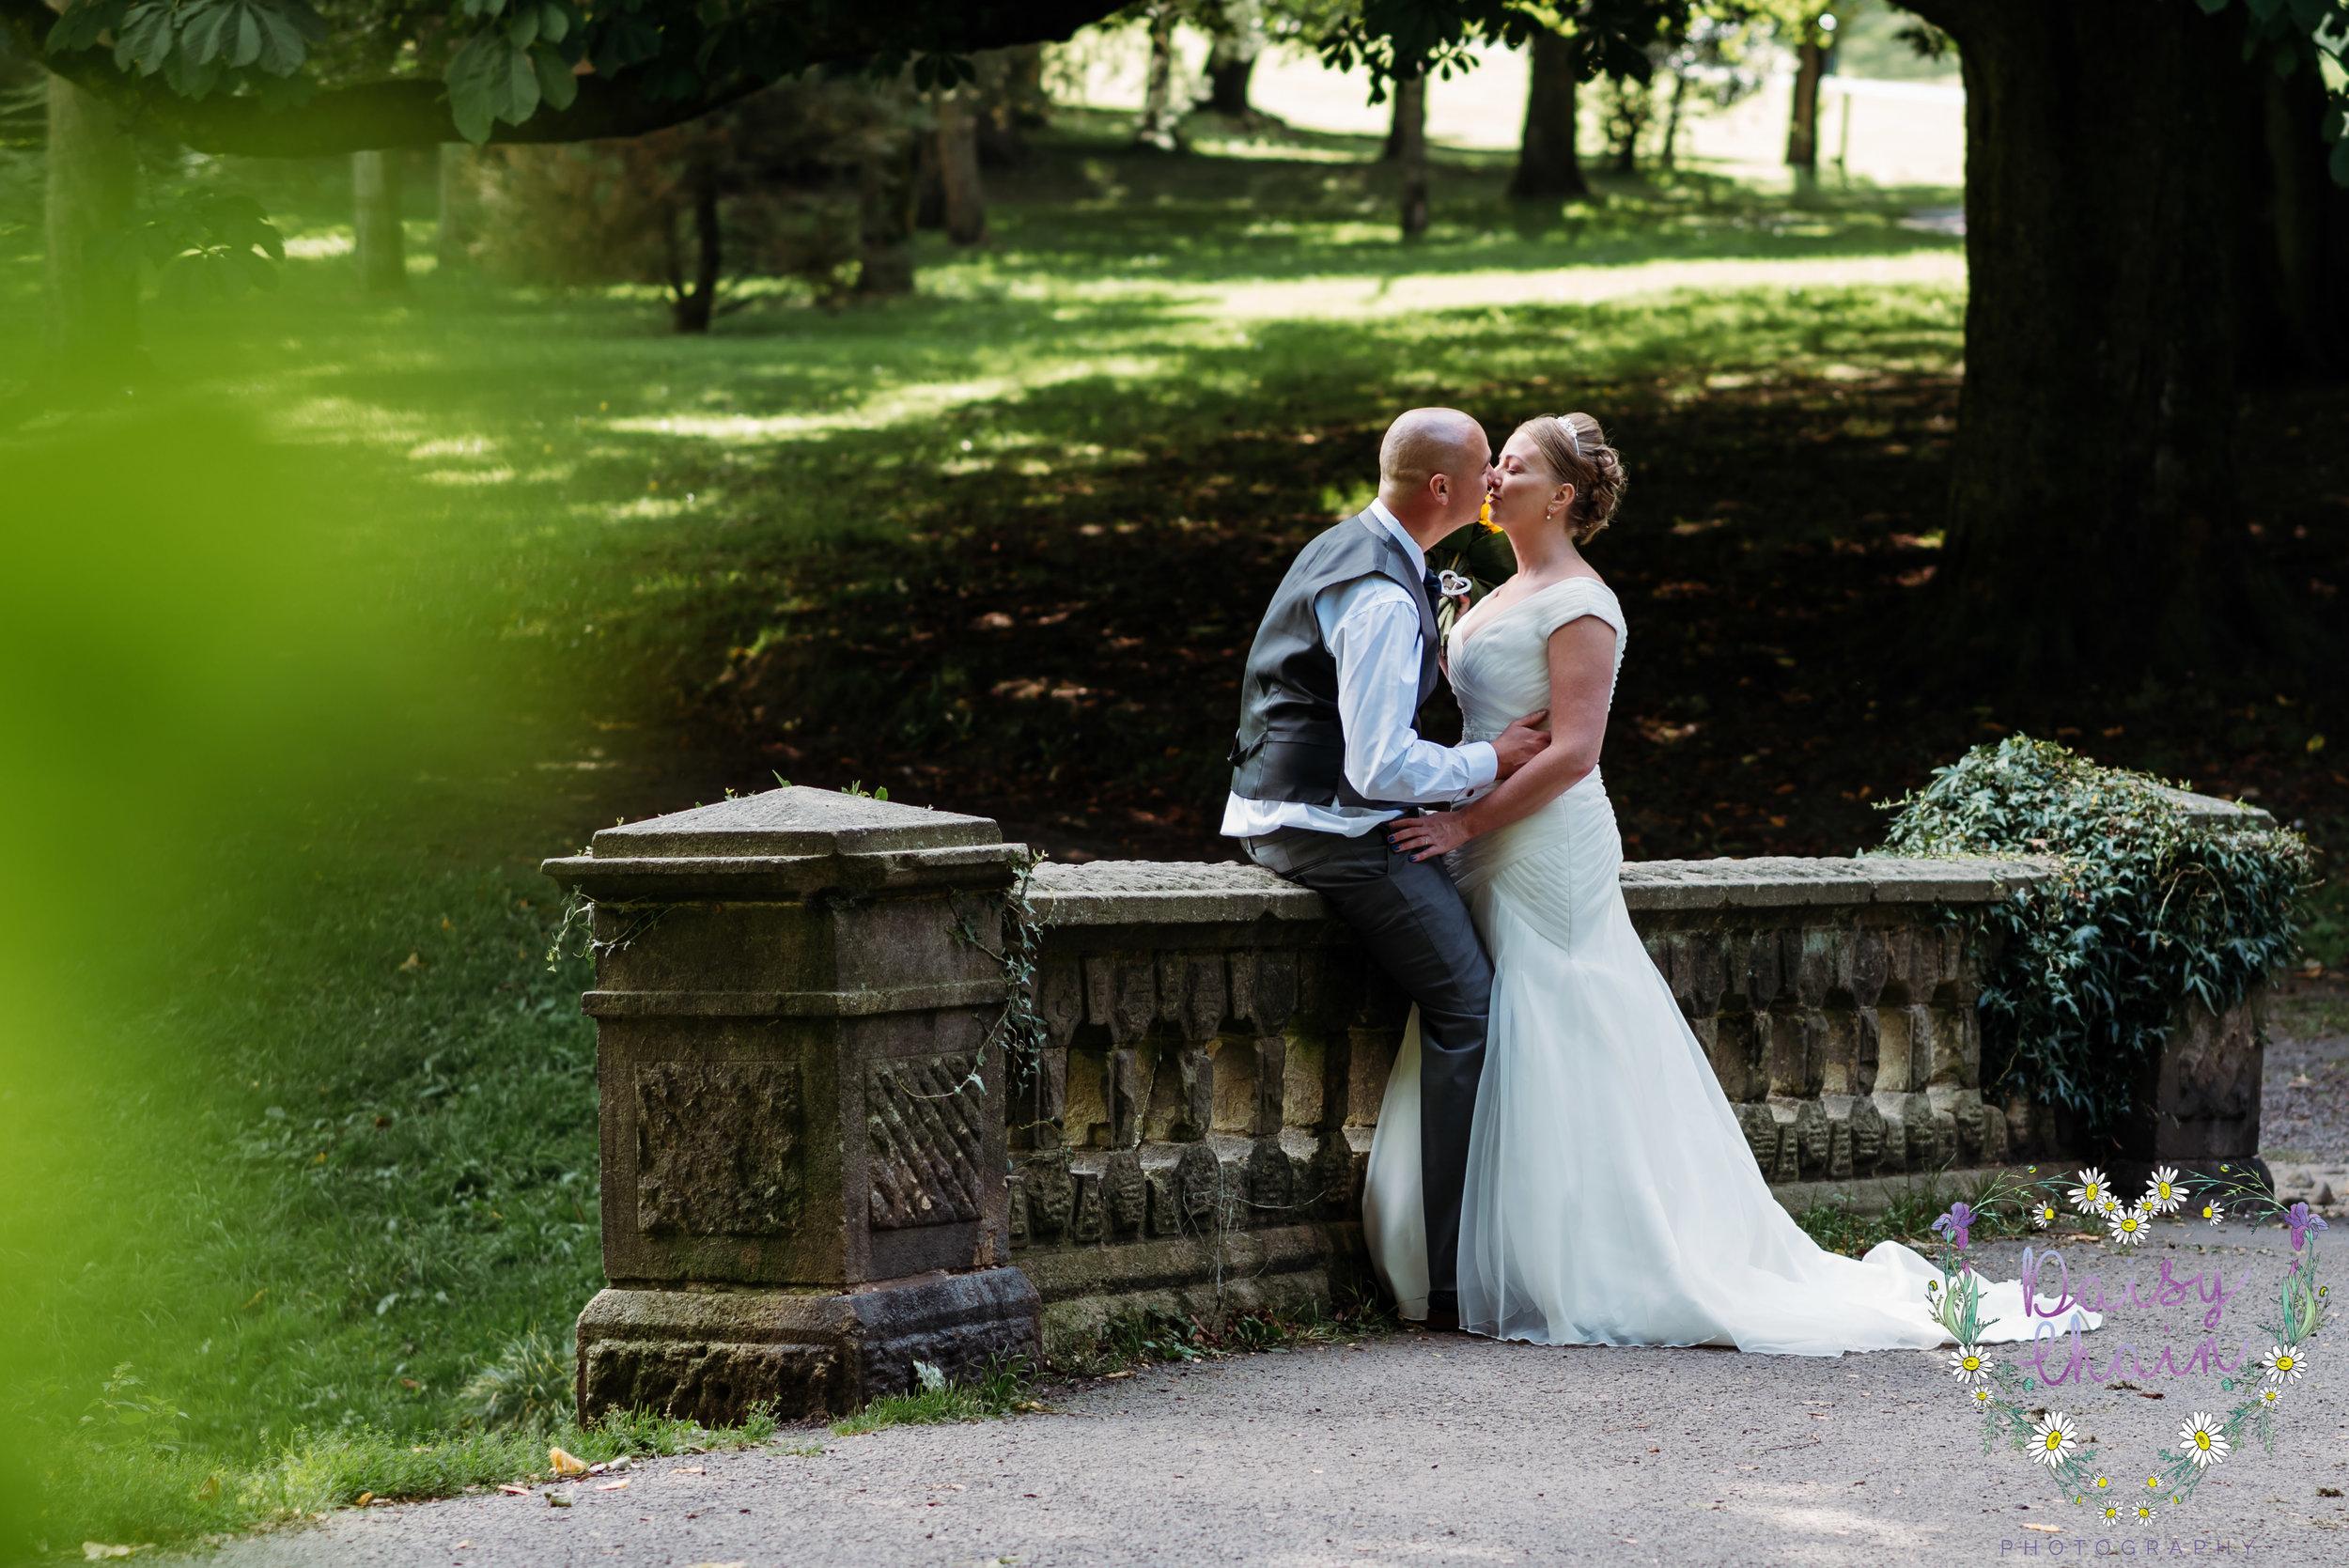 Burnley wedding photographer